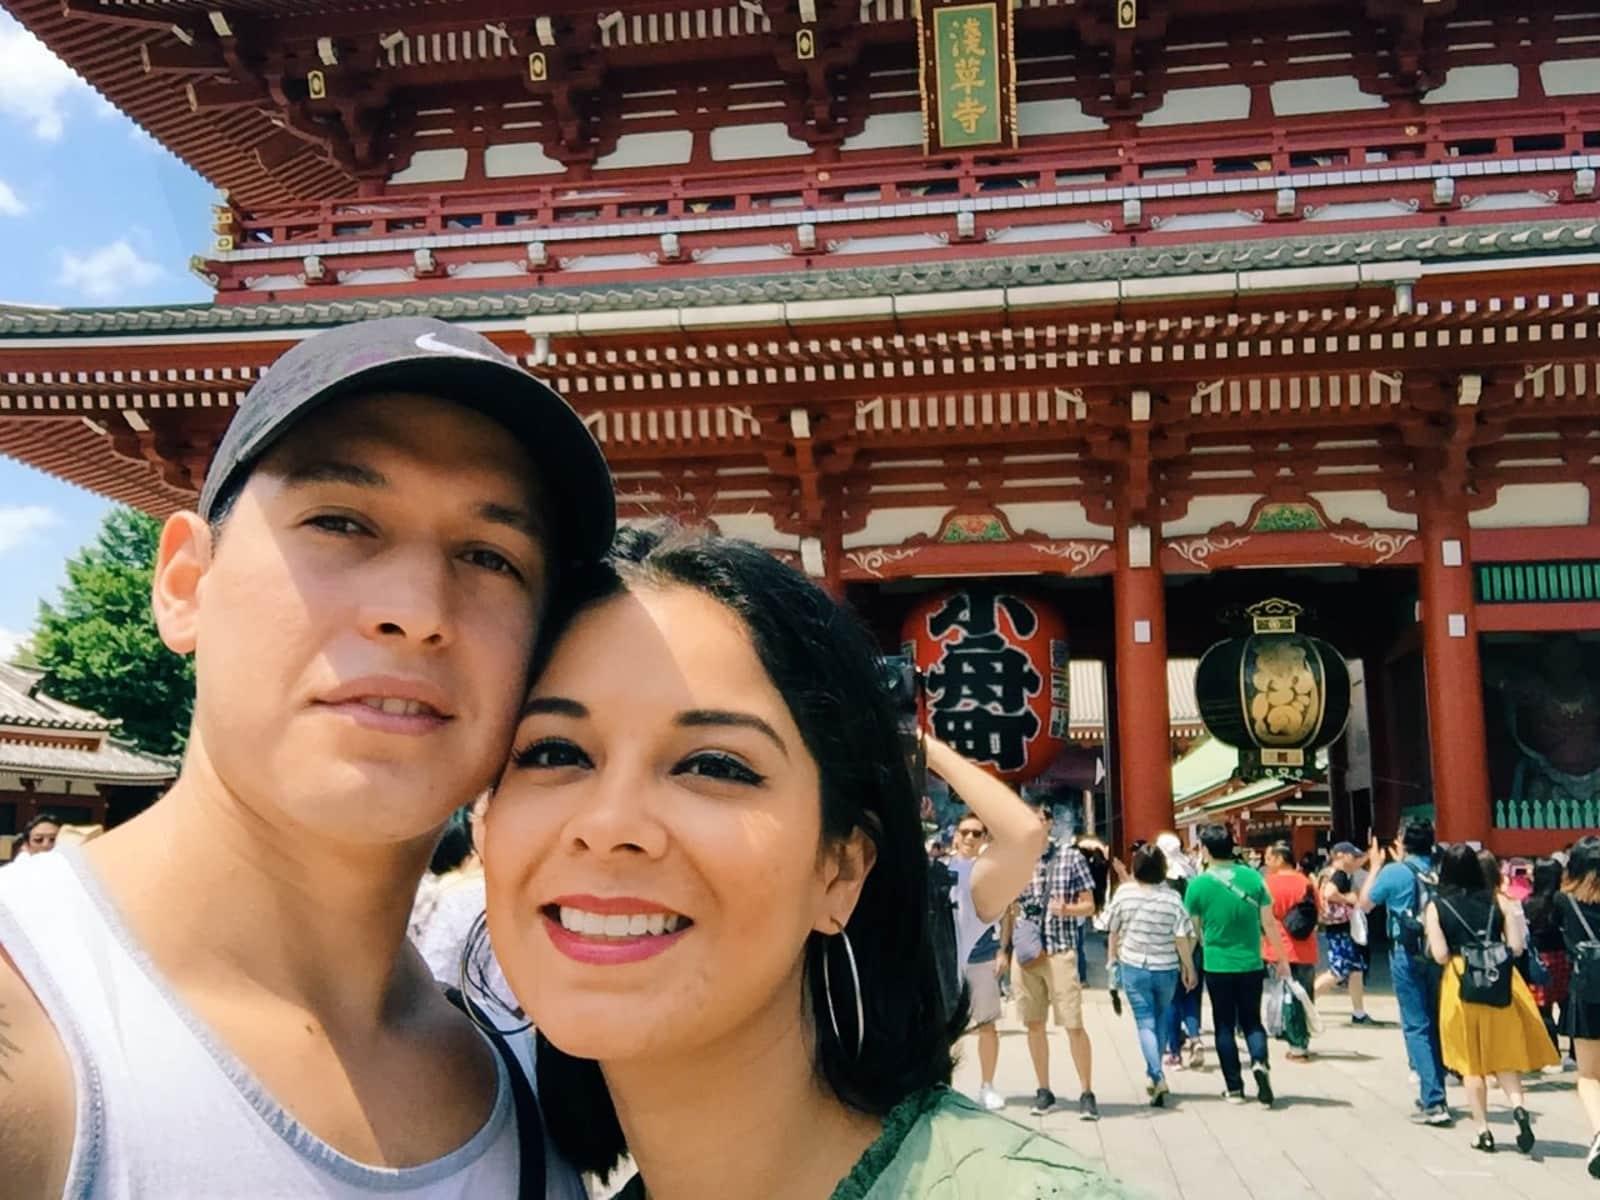 Michelle & Jerson from Melbourne, Victoria, Australia